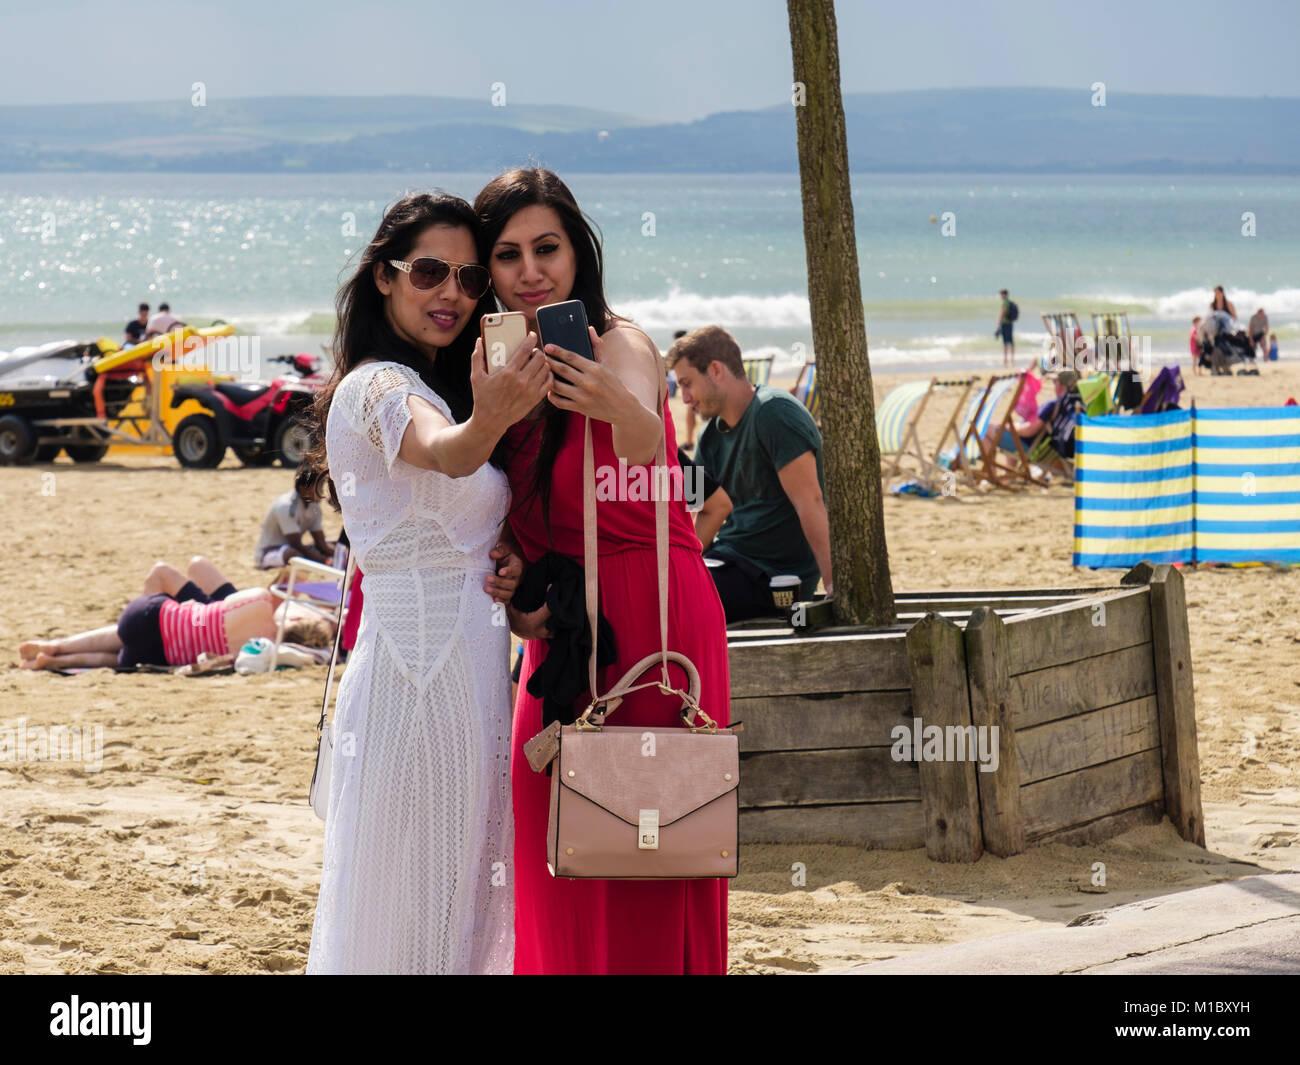 Zwei elegant gekleidete junge tausendjährigen Frauen selfies zusammen mit Smartphones auf einem Strand im Spätsommer. Stockbild